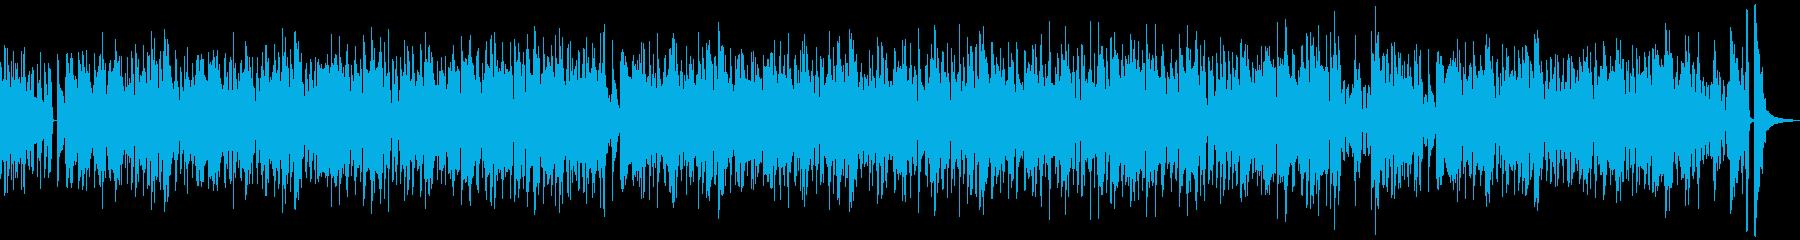 猫のほのぼの可愛いモフモフハッピーソングの再生済みの波形